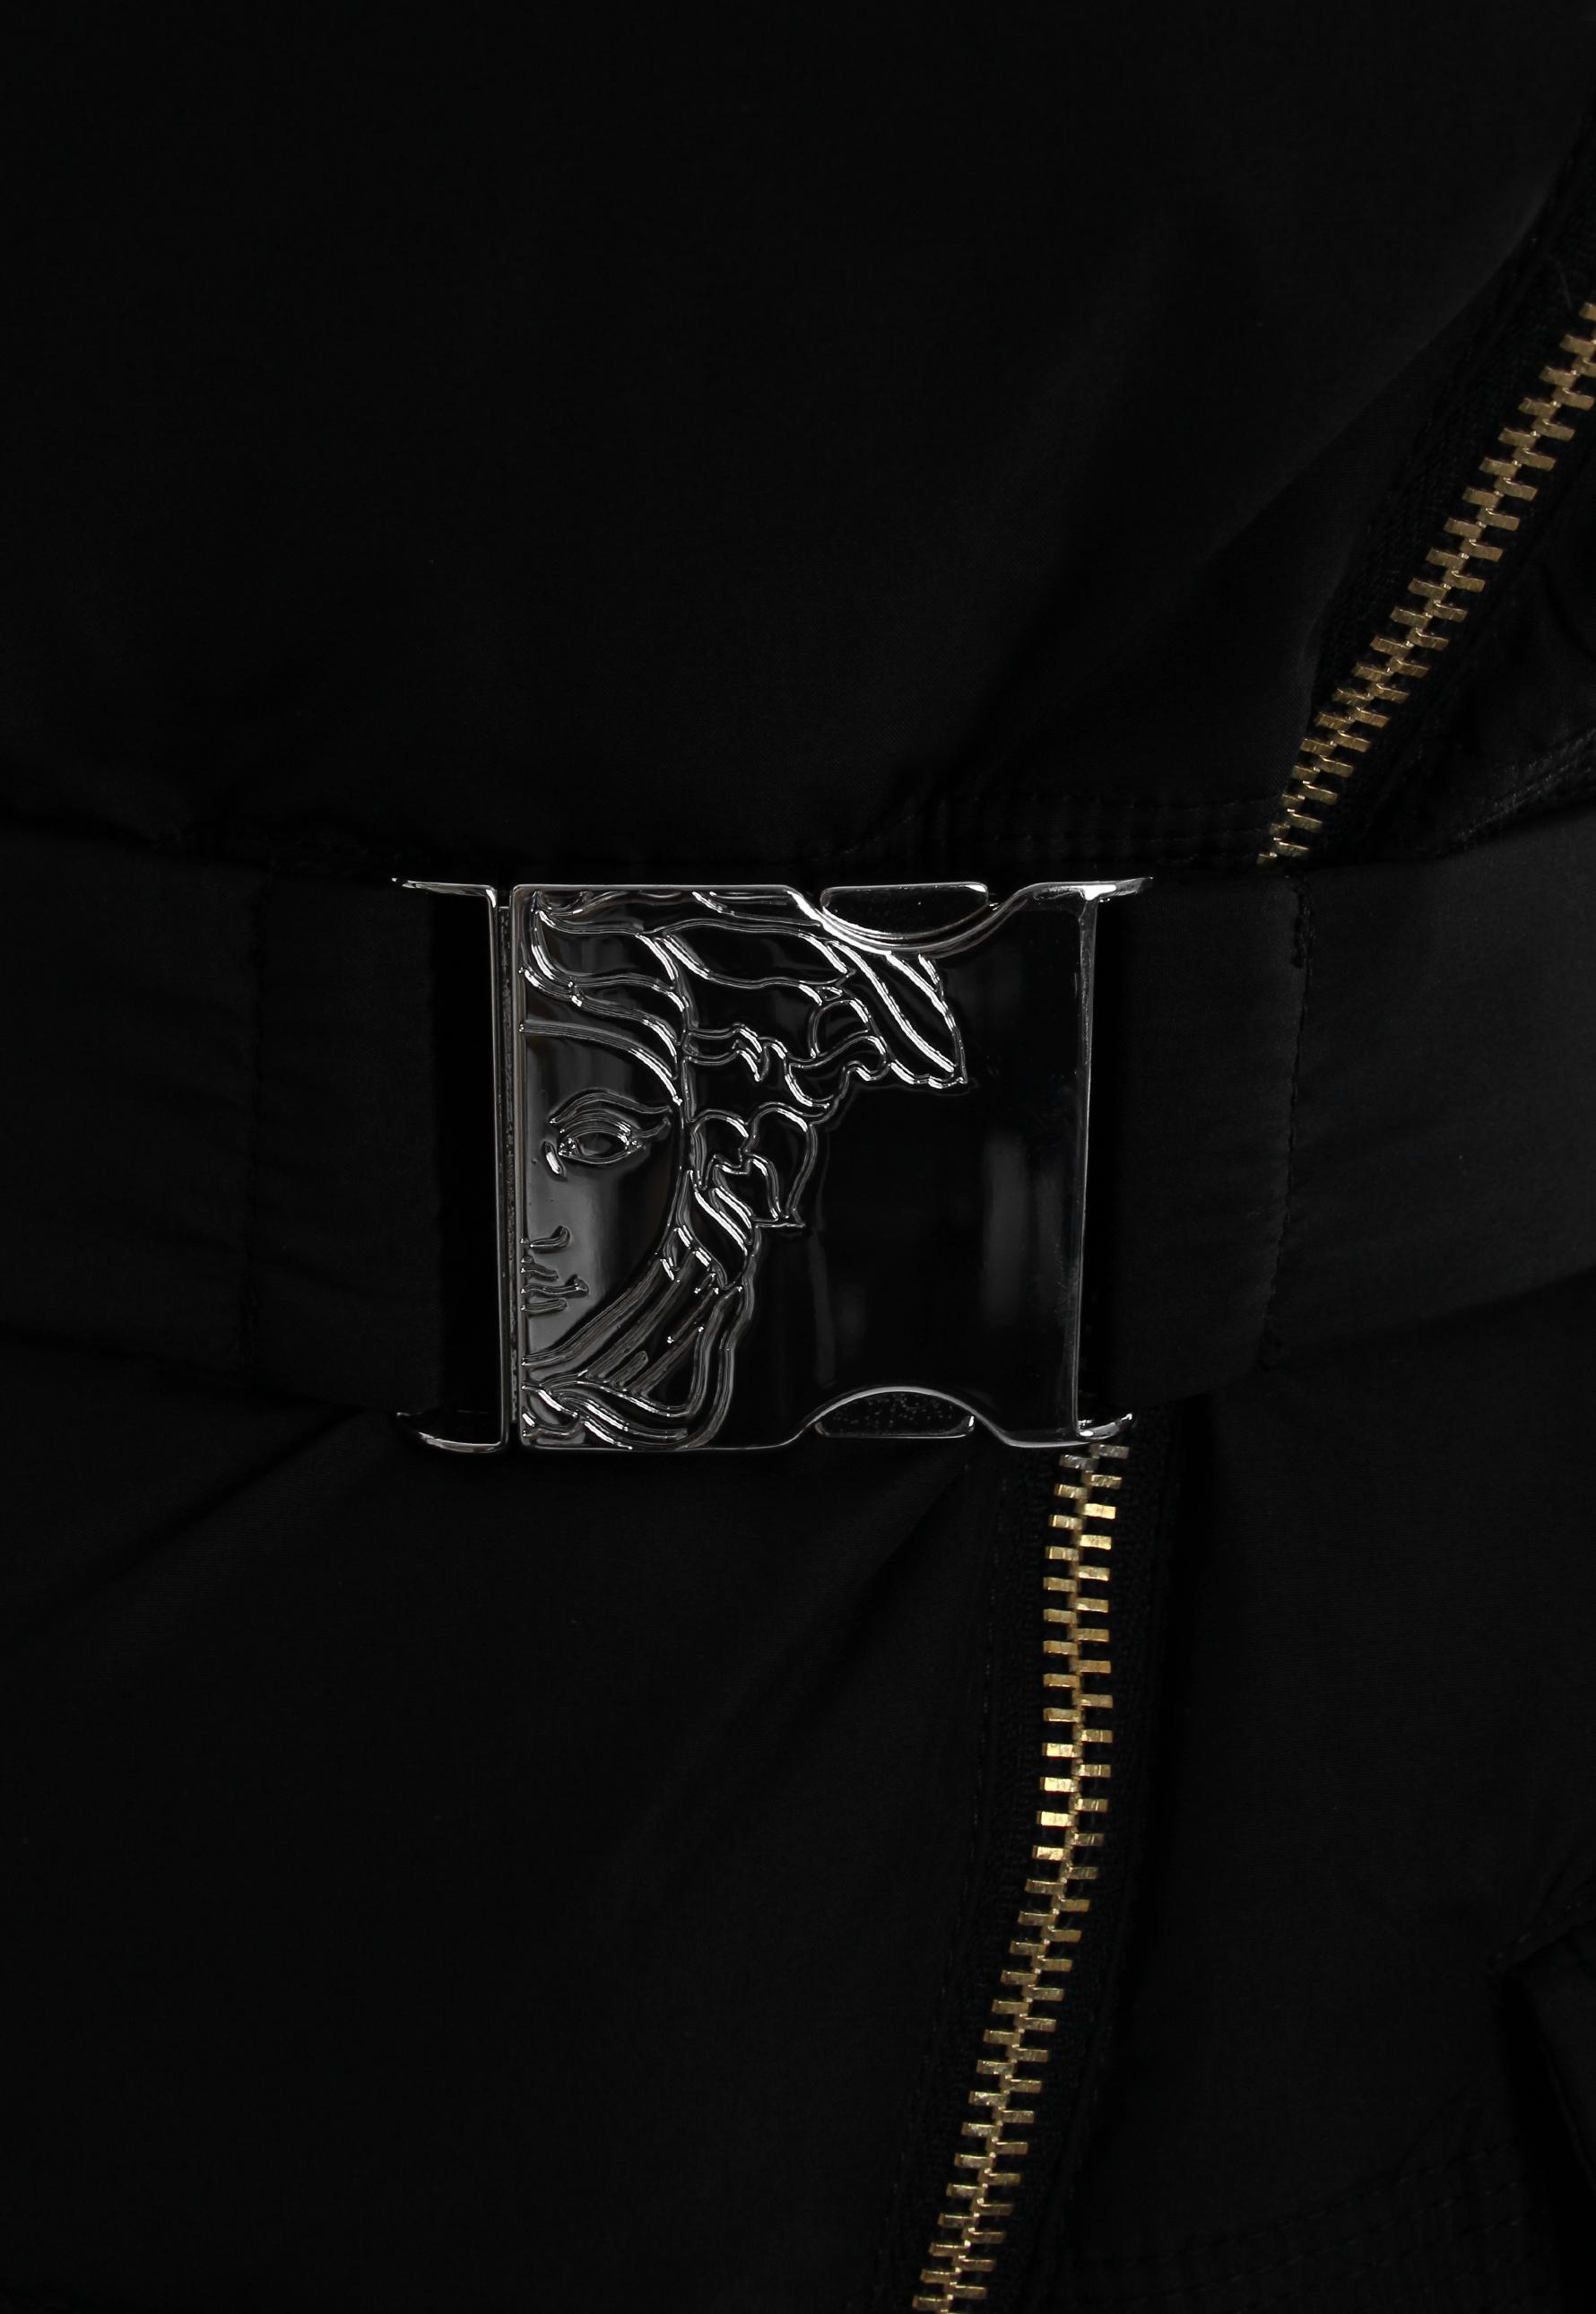 7f8d6af844c0 Lyst - Versace Belted Down Jacket Black in Black